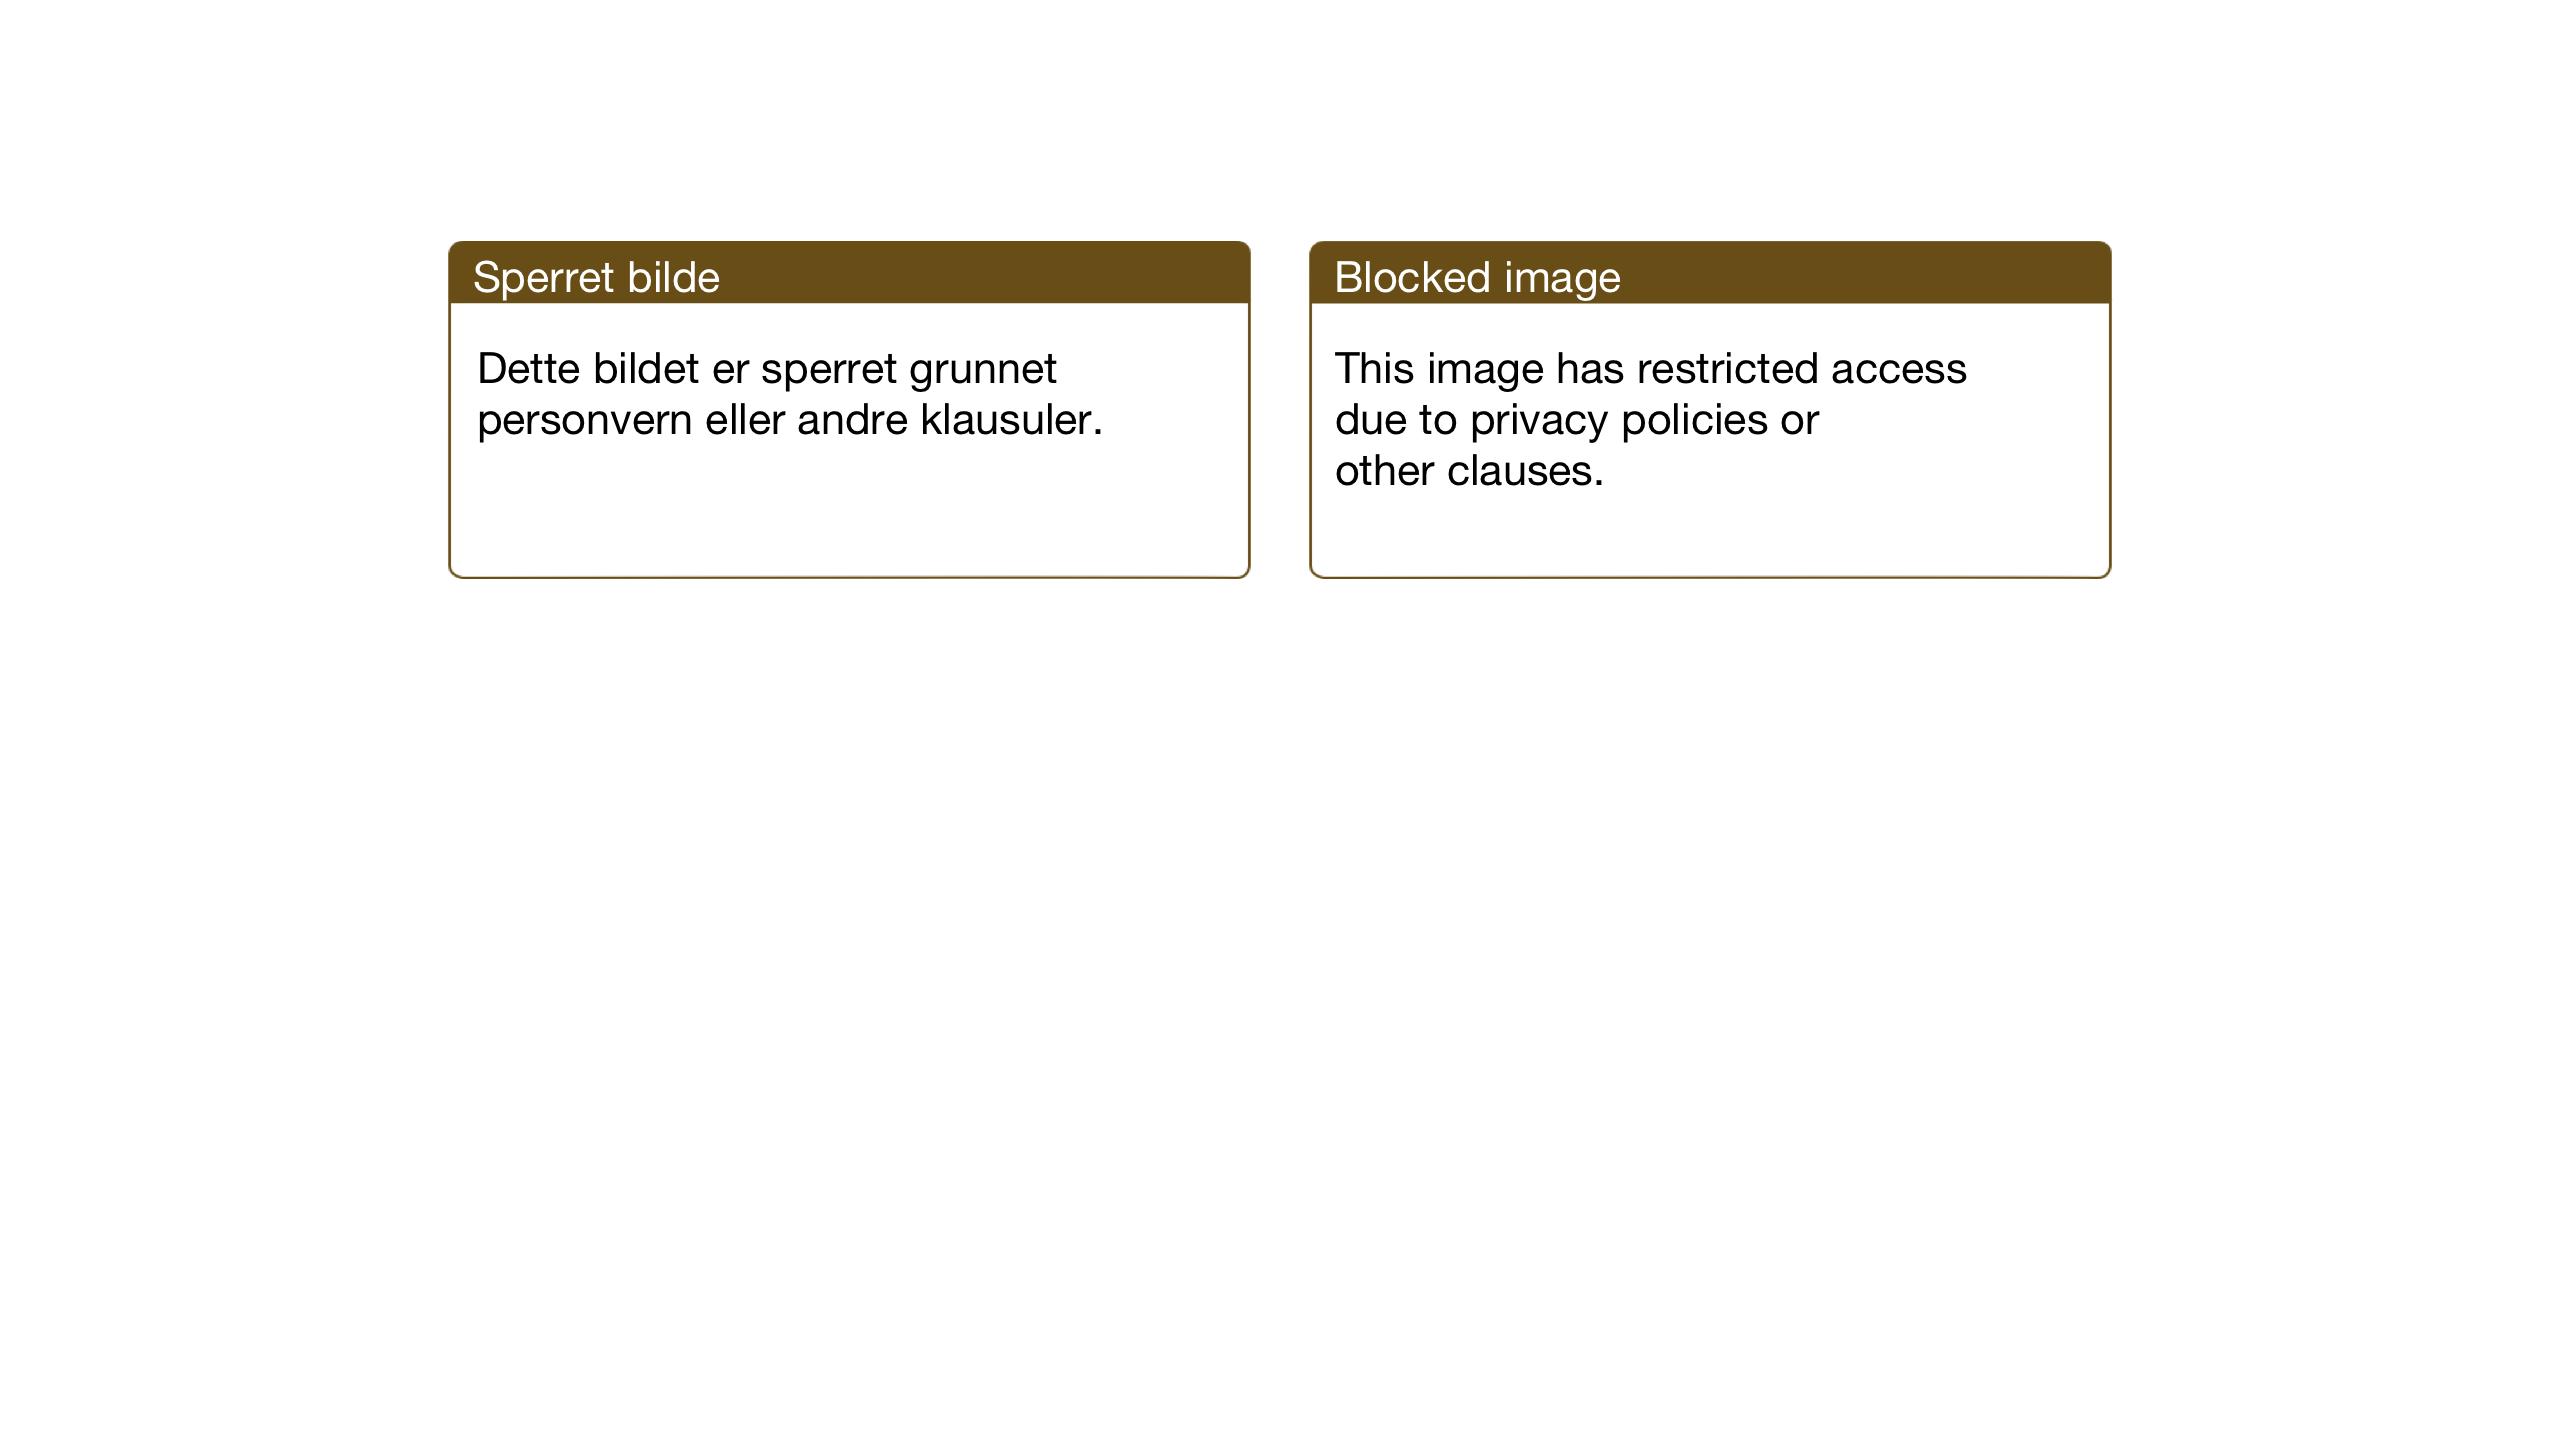 SAT, Ministerialprotokoller, klokkerbøker og fødselsregistre - Nord-Trøndelag, 721/L0209: Klokkerbok nr. 721C02, 1918-1940, s. 154